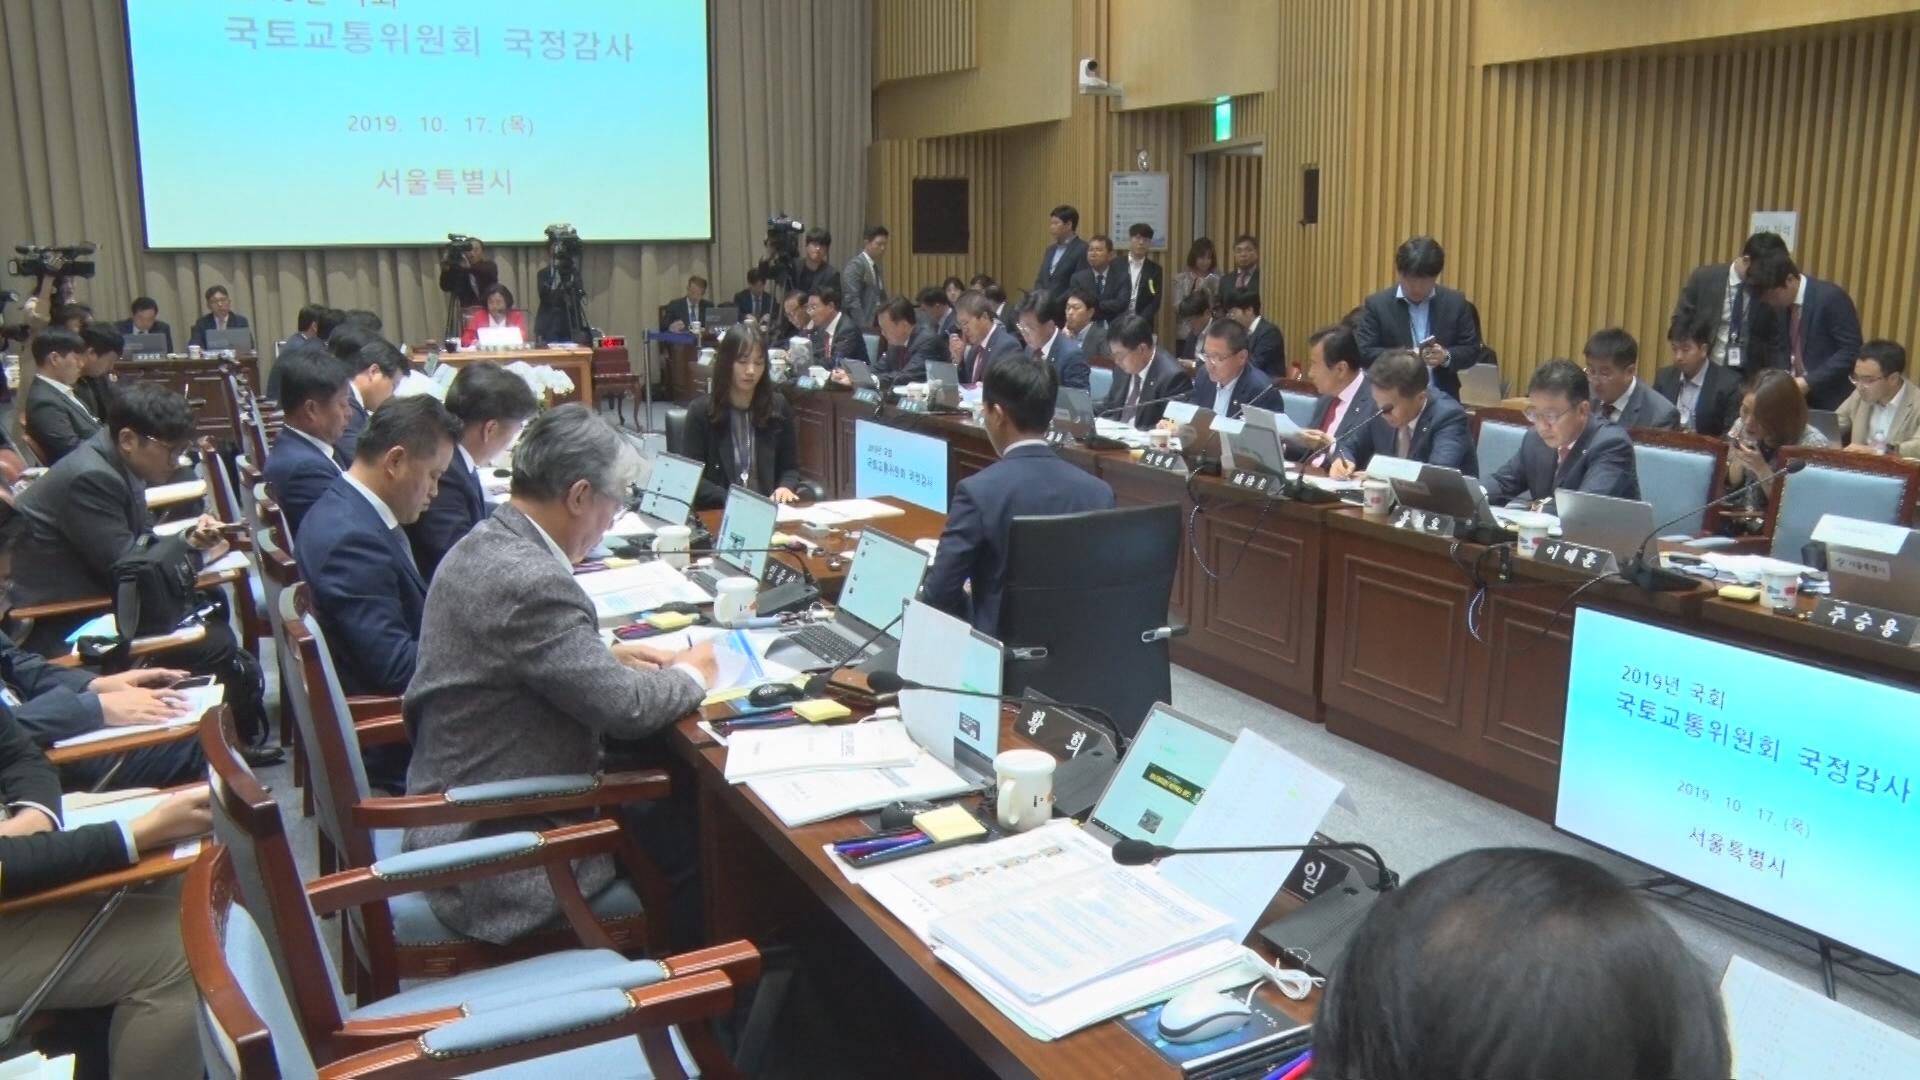 서울시 국감 교통공사 채용·역세권 청년주택이 쟁점